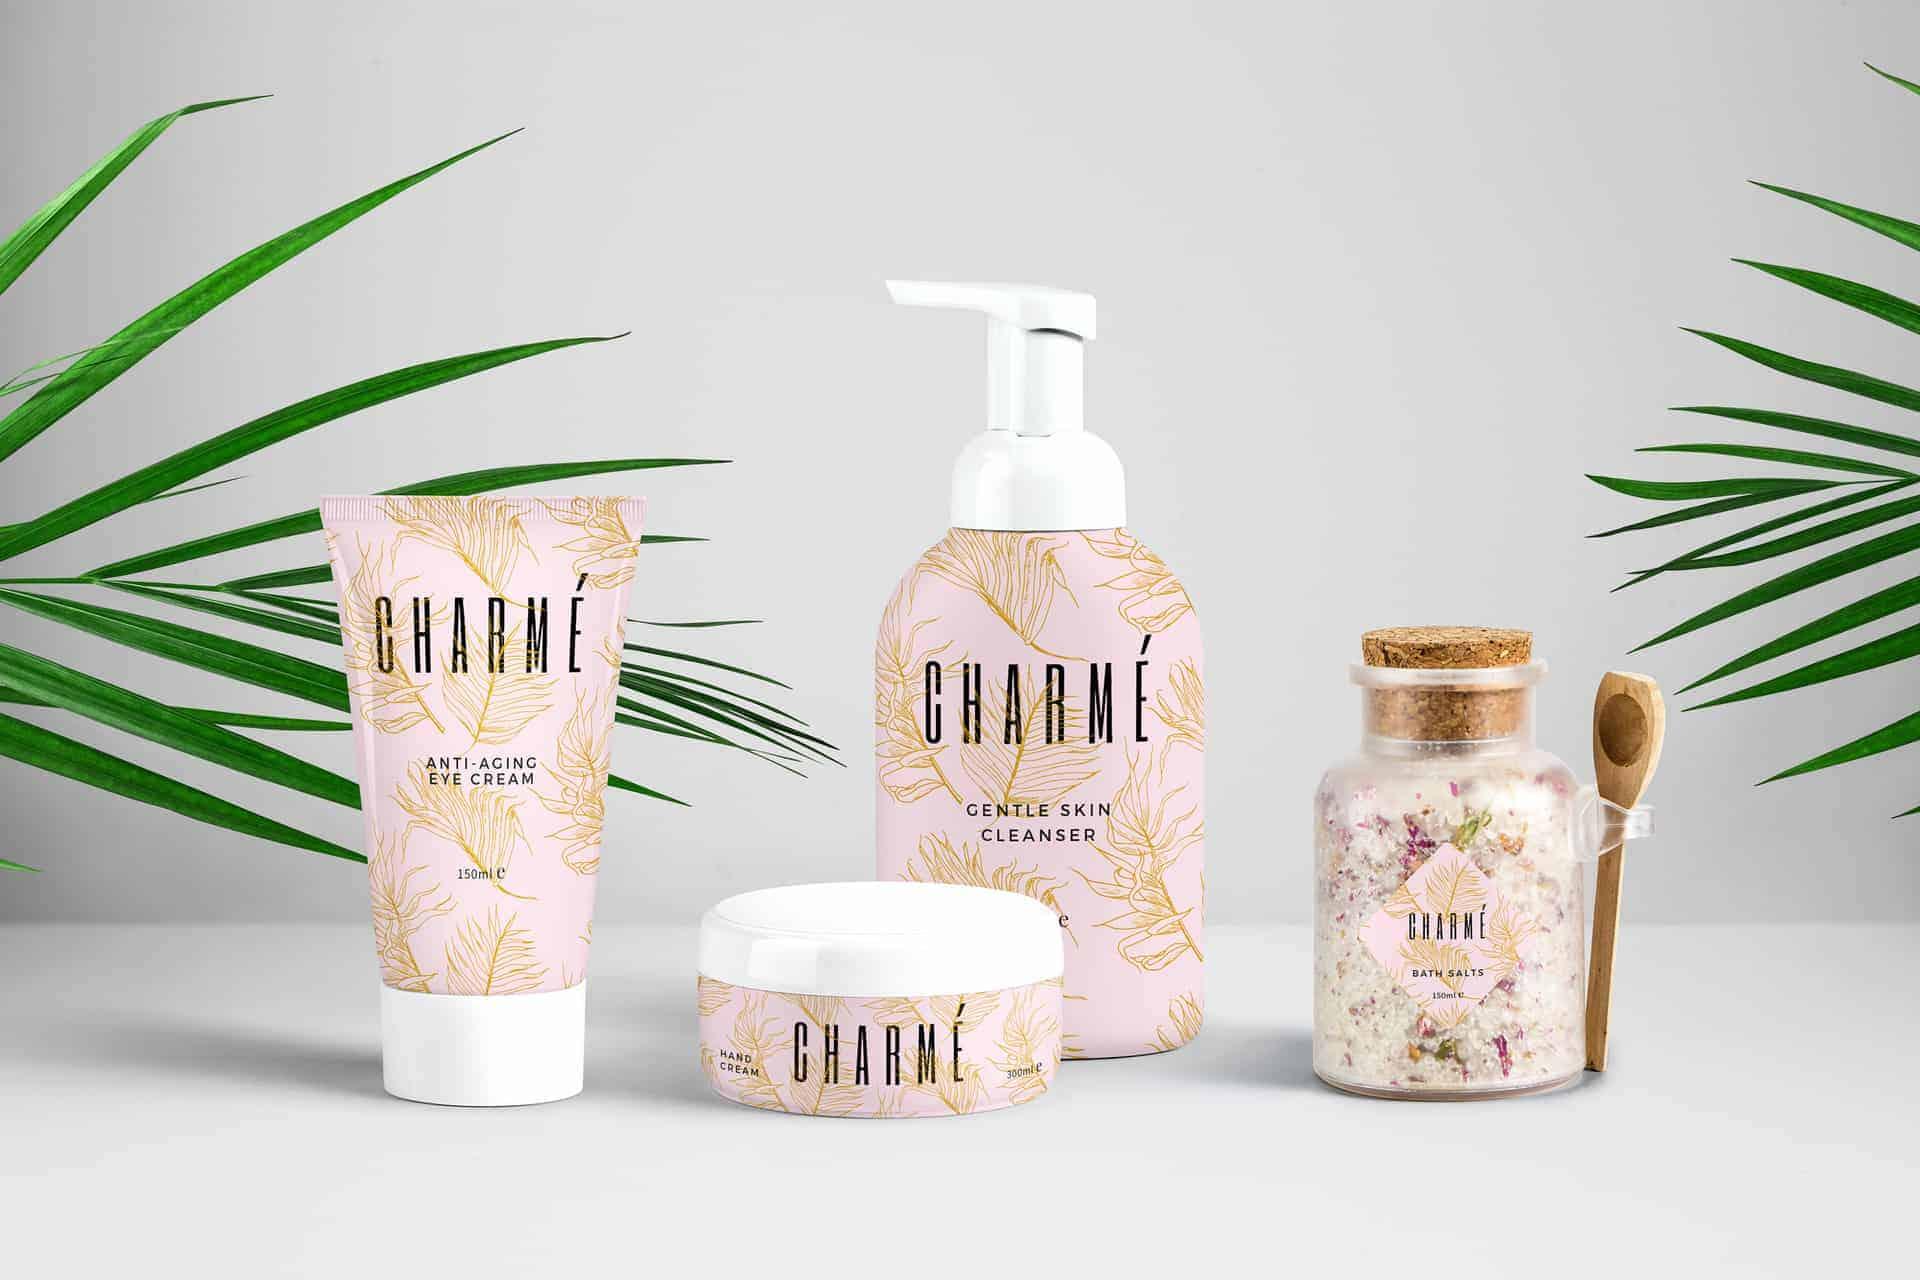 Charme Skin Care